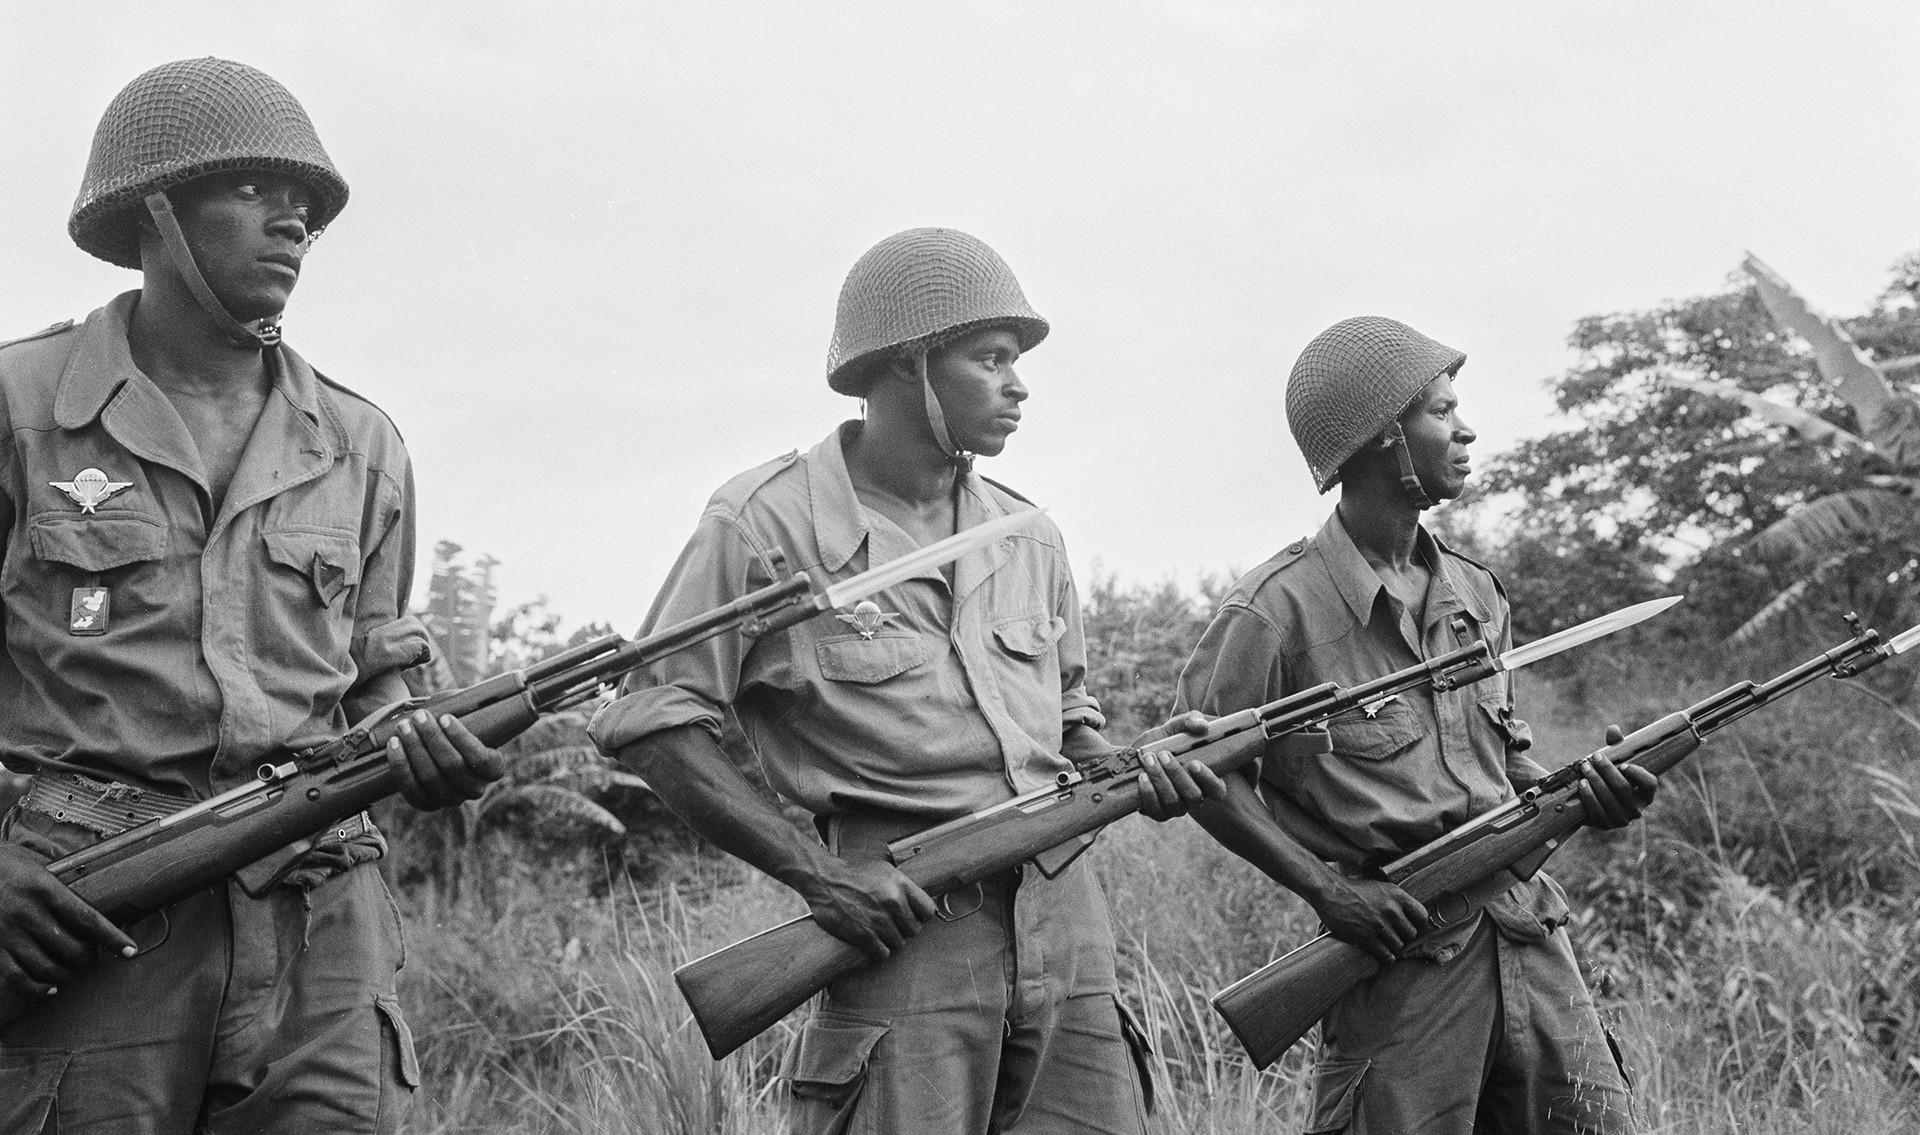 Војници народне армије Републике Конго.